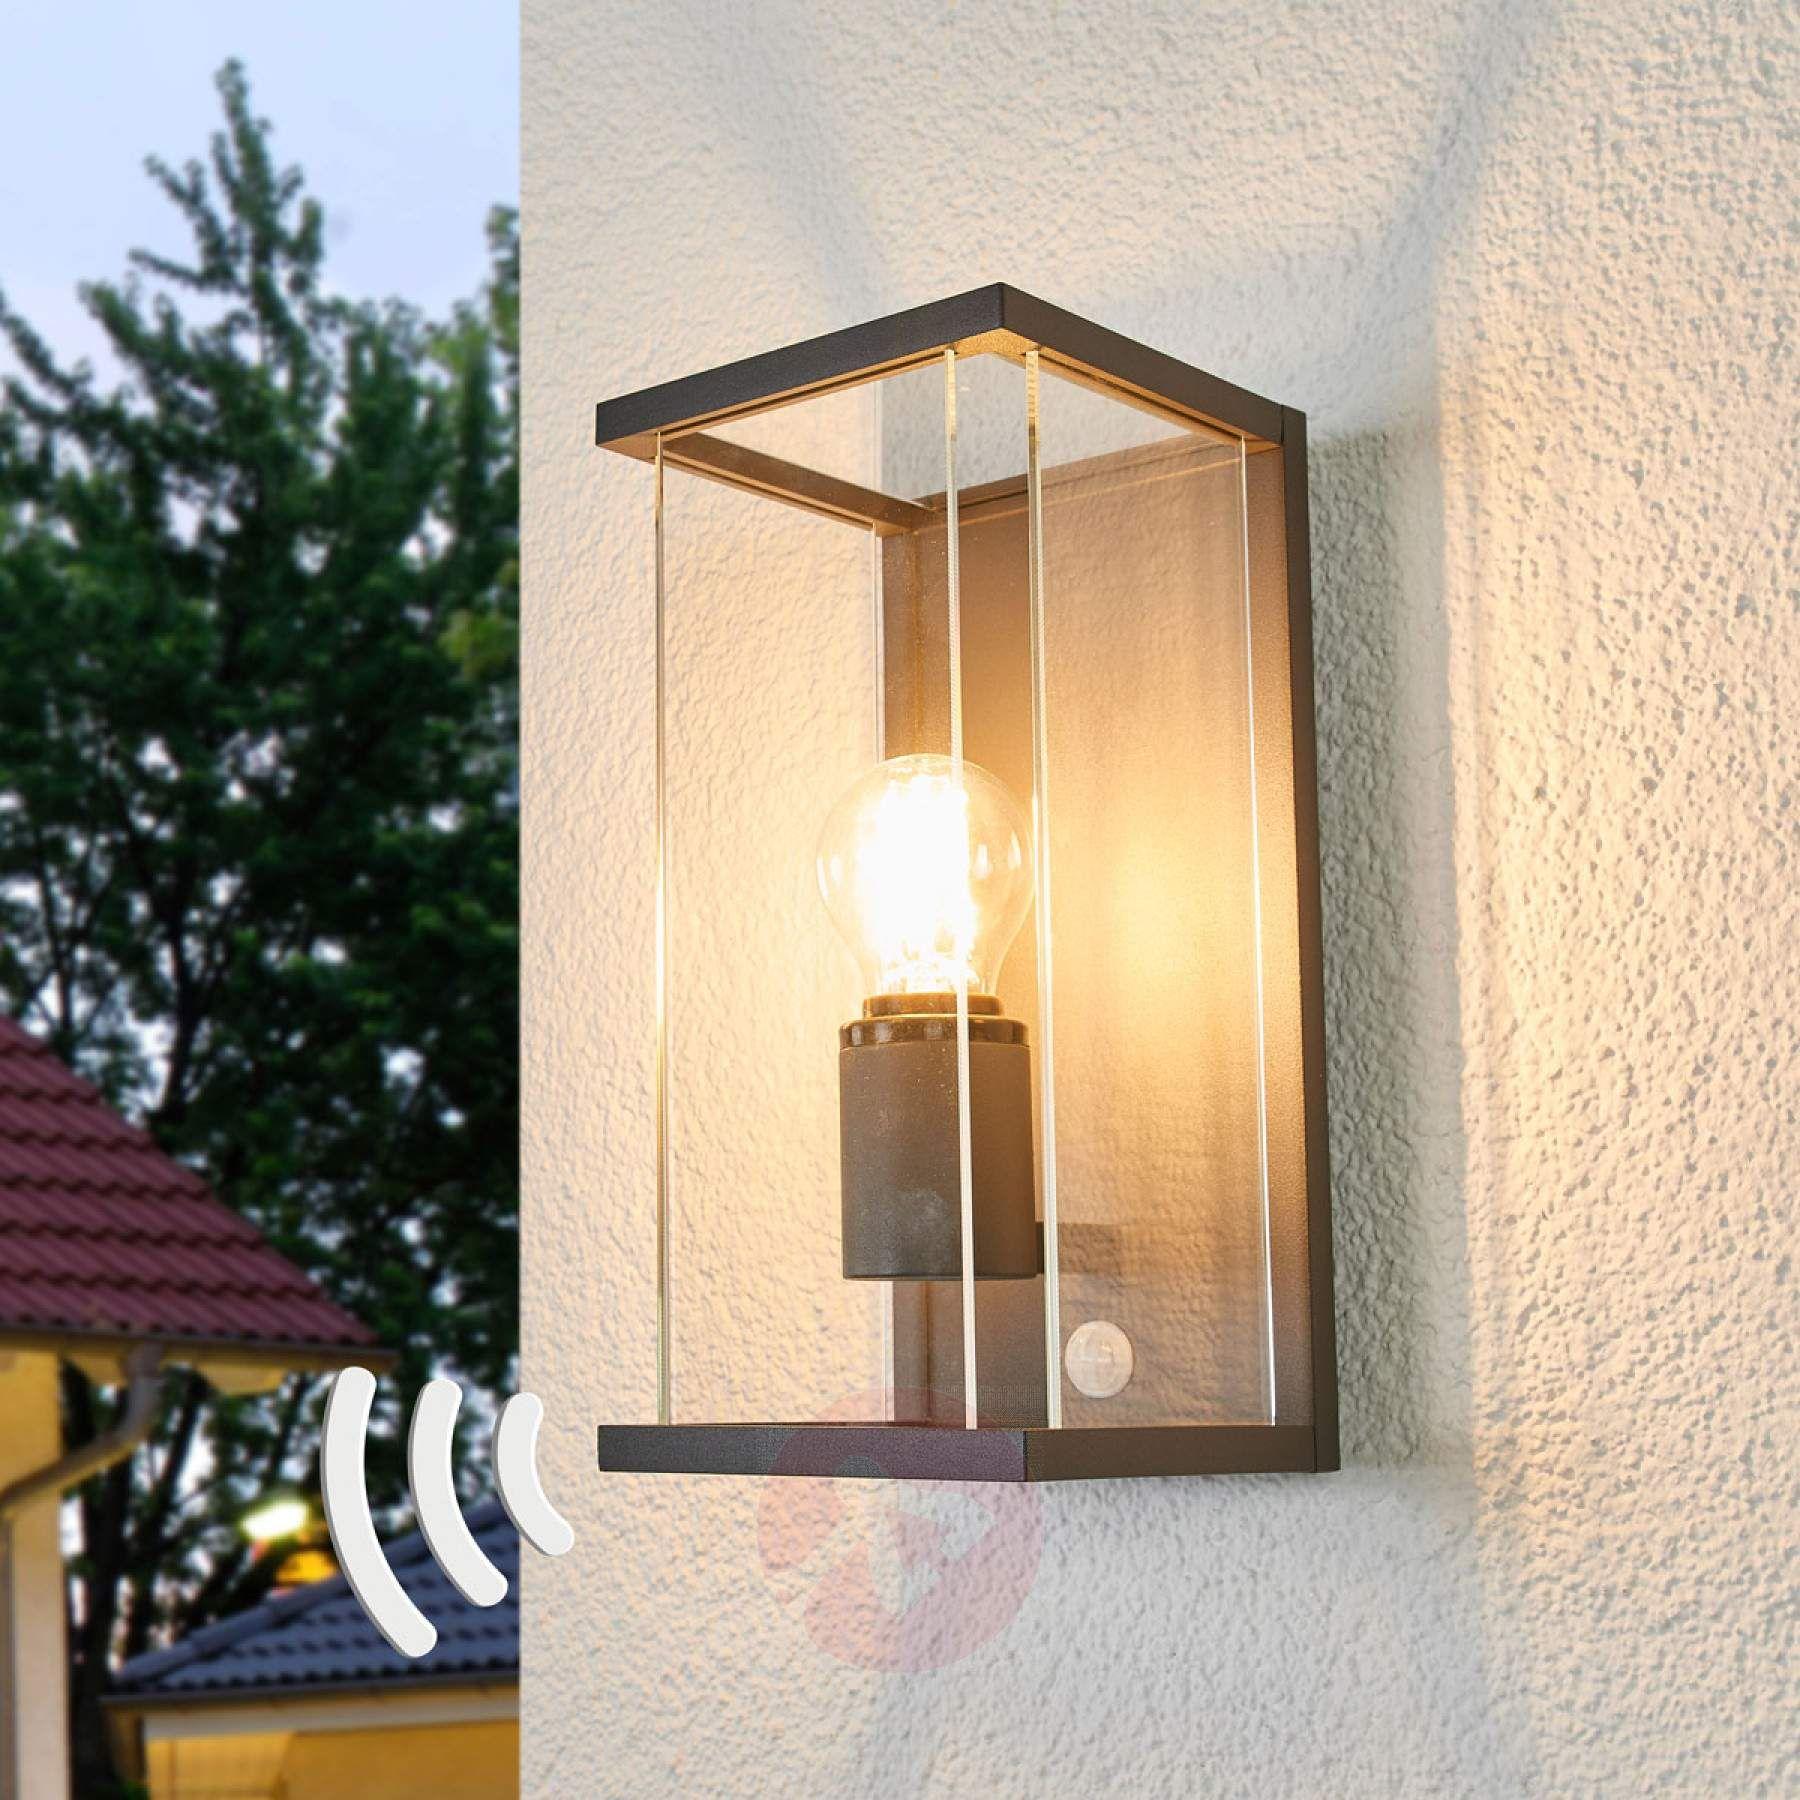 Bewegungsmelder Aussenwandlampe Annalea Outdoor Wandleuchten Aussenwandbeleuchtung Aussenwandlampen